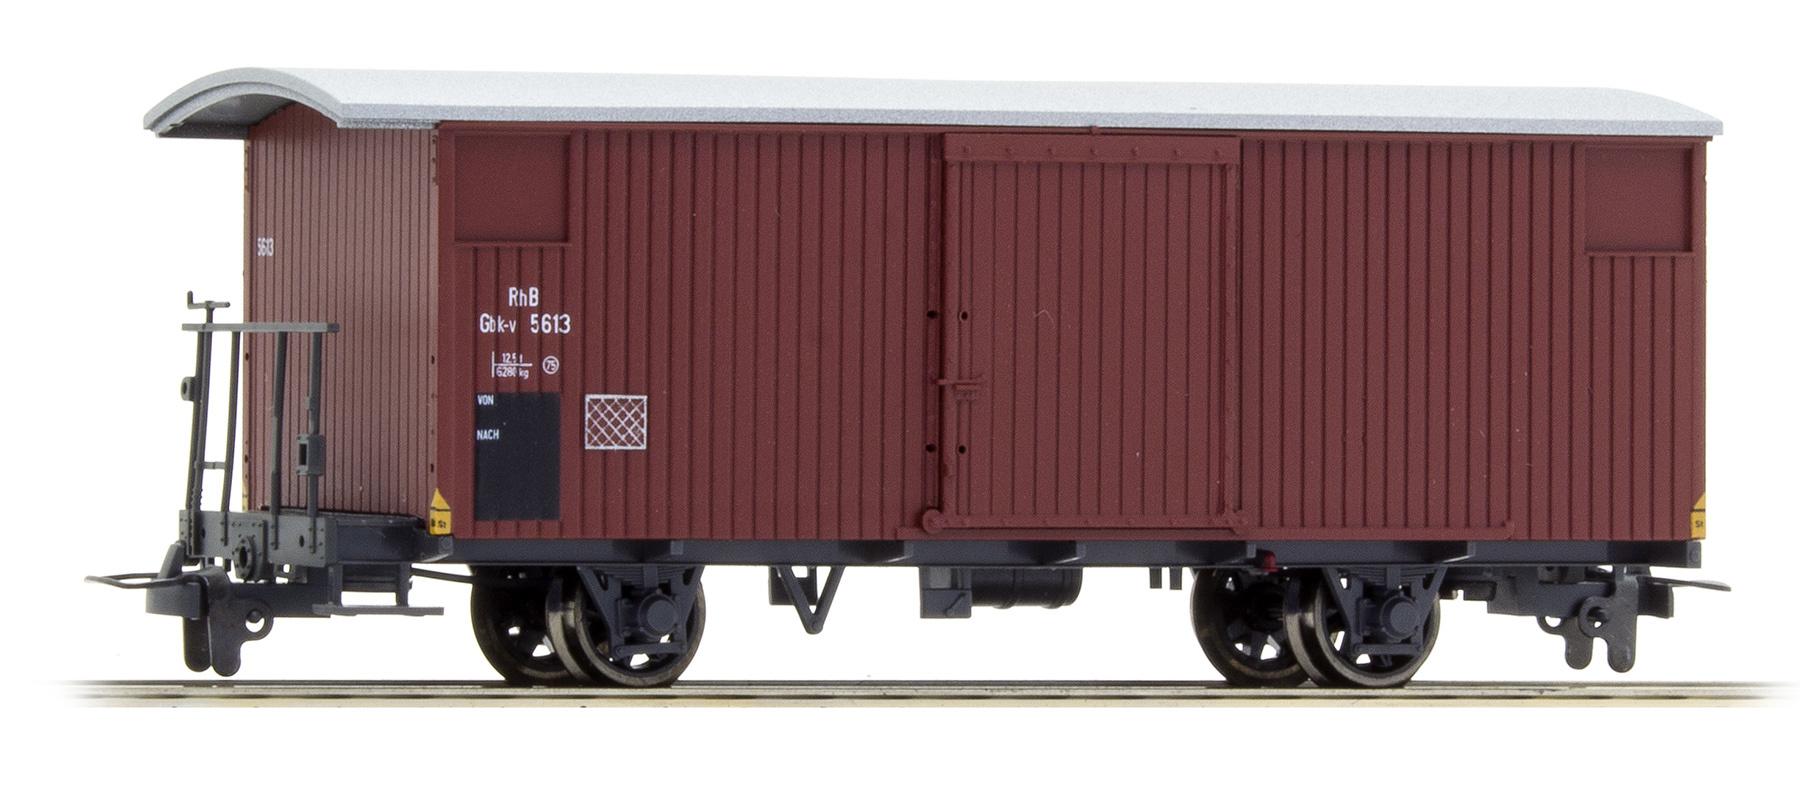 2293123 RhB Gbk-v 5613 gedeckter Güterwagen 70er-Jahre-1